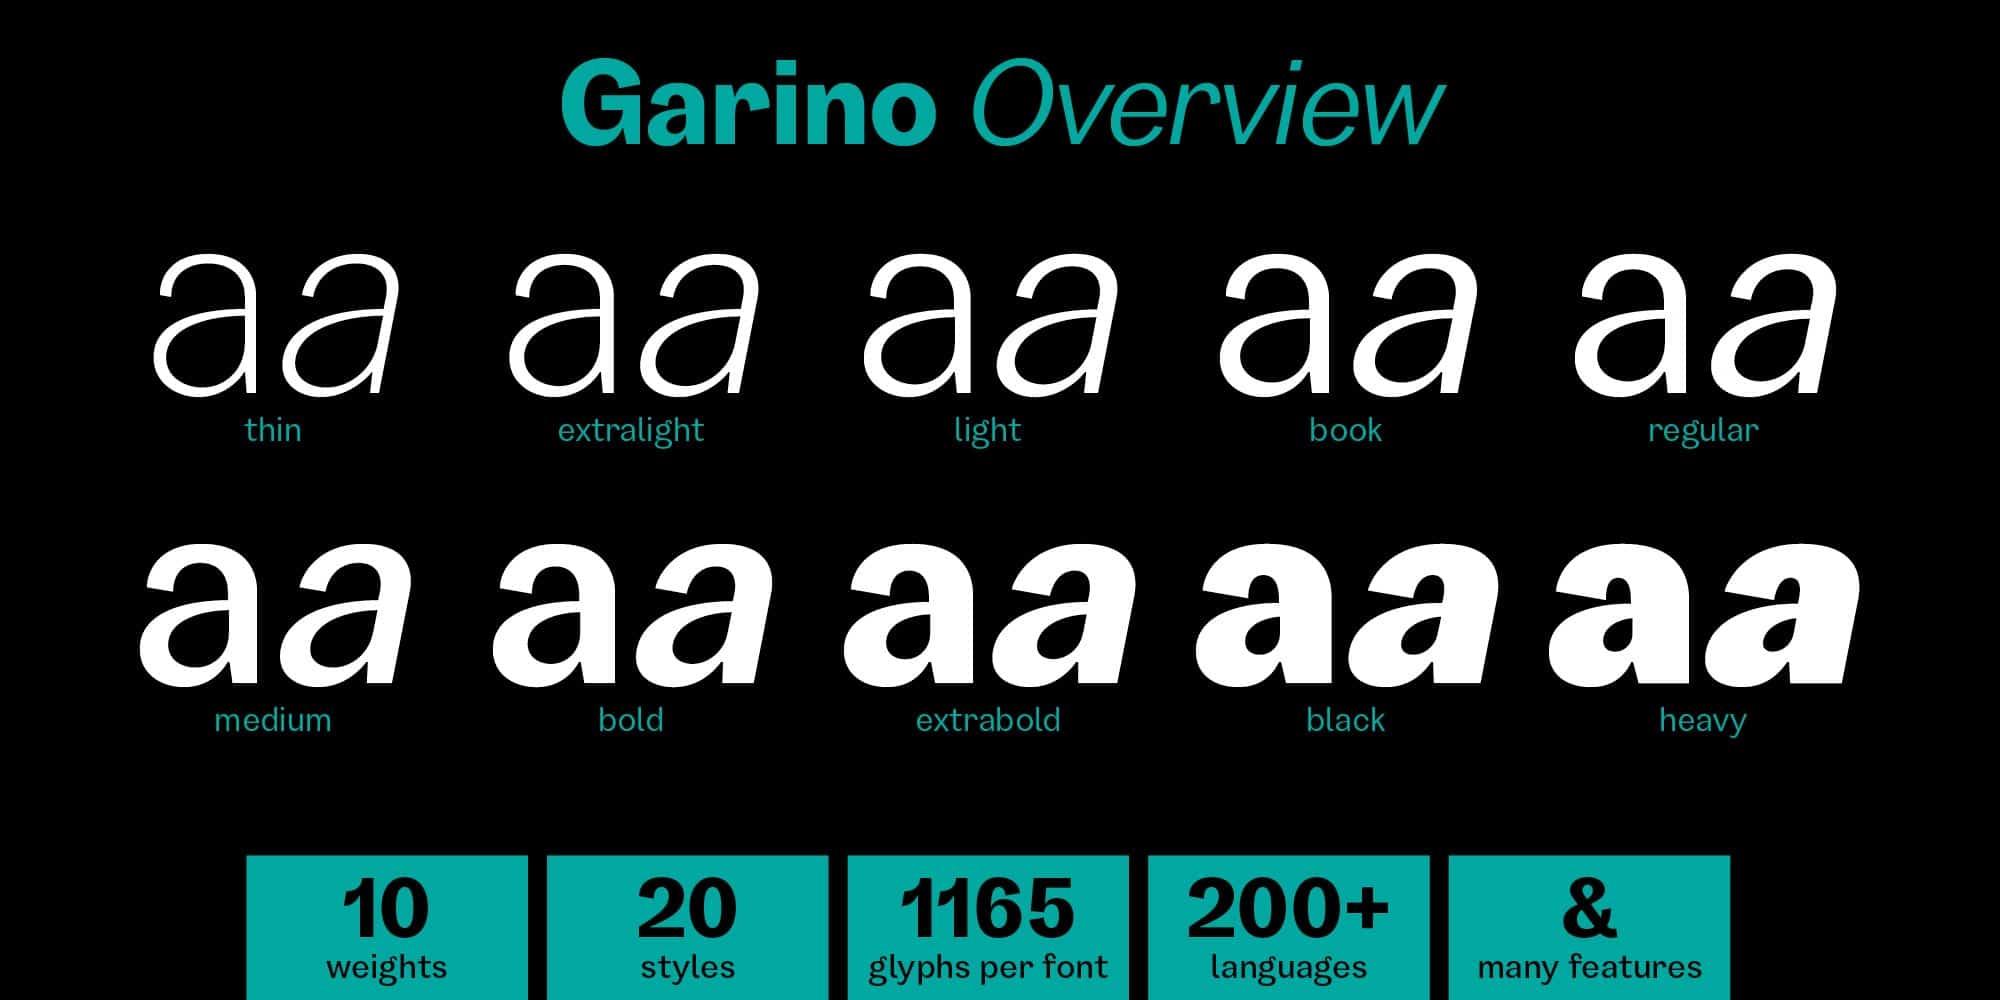 03_GARINO_Overview